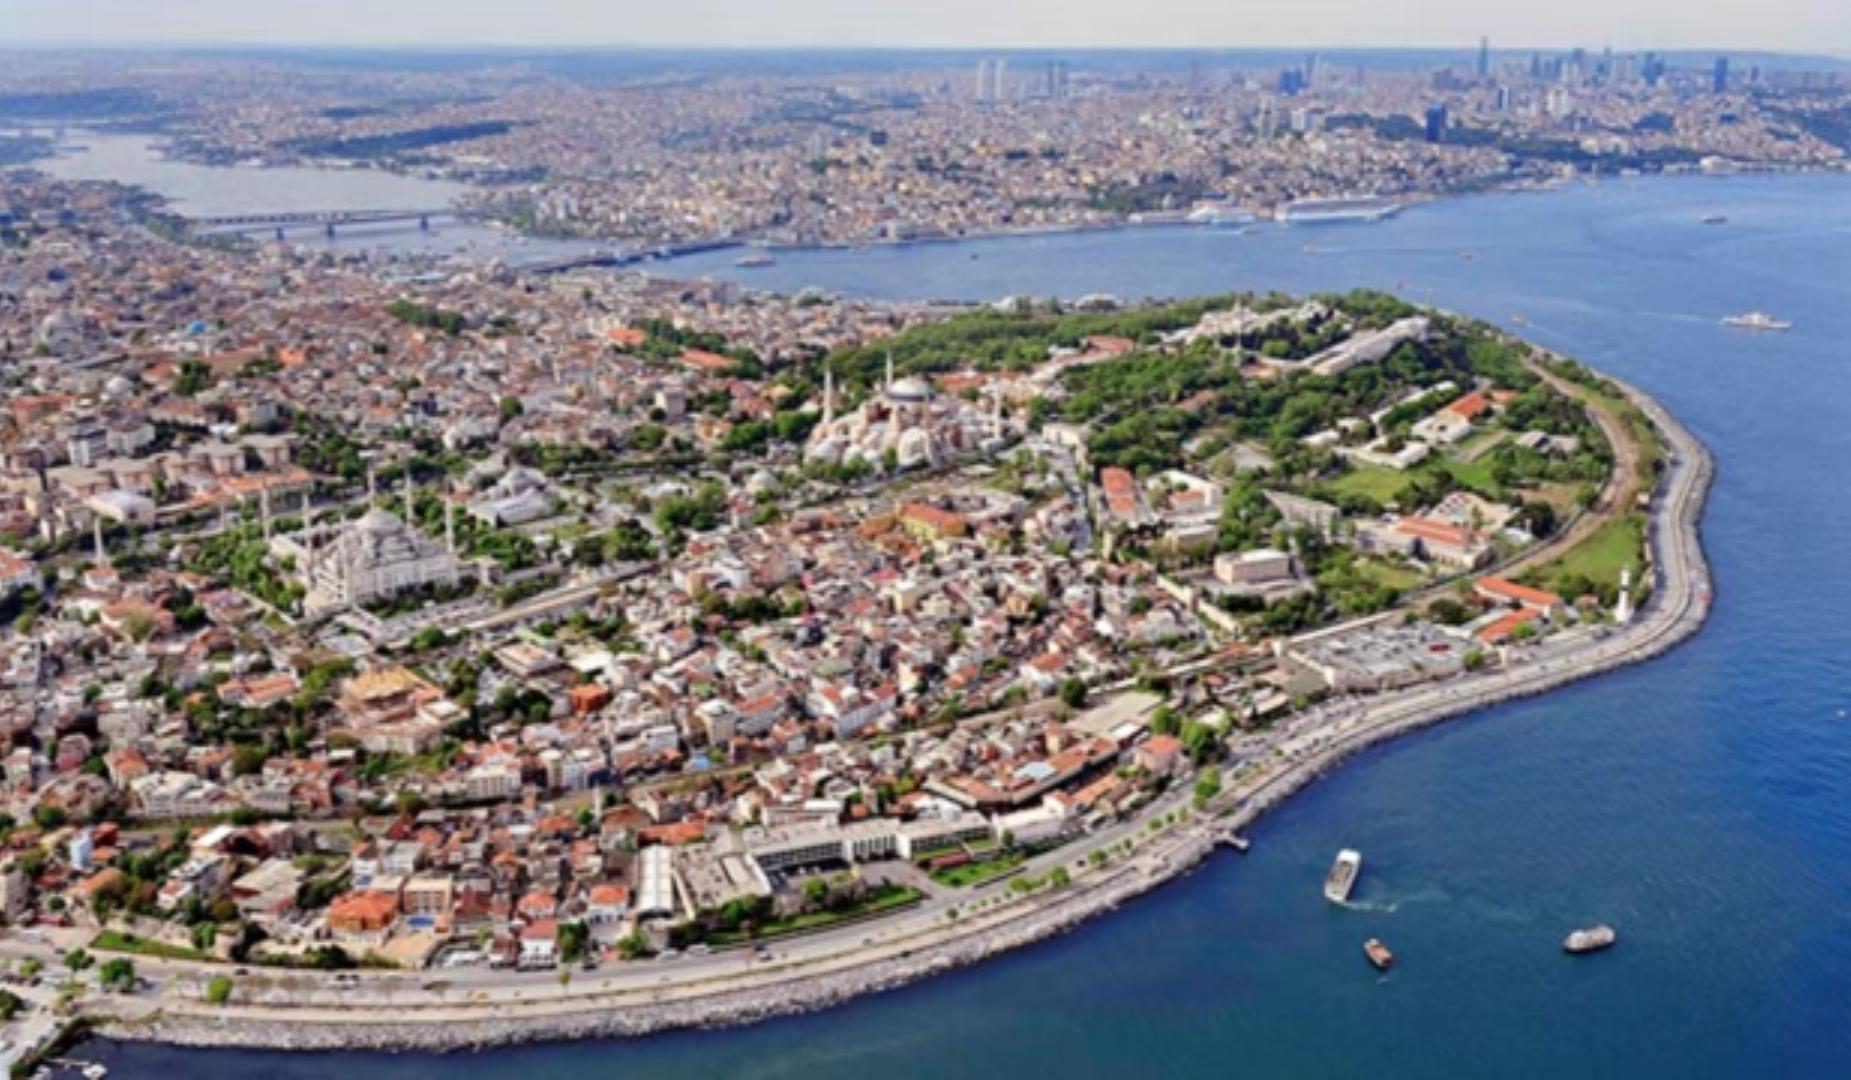 Yedi Tepeli İstanbul